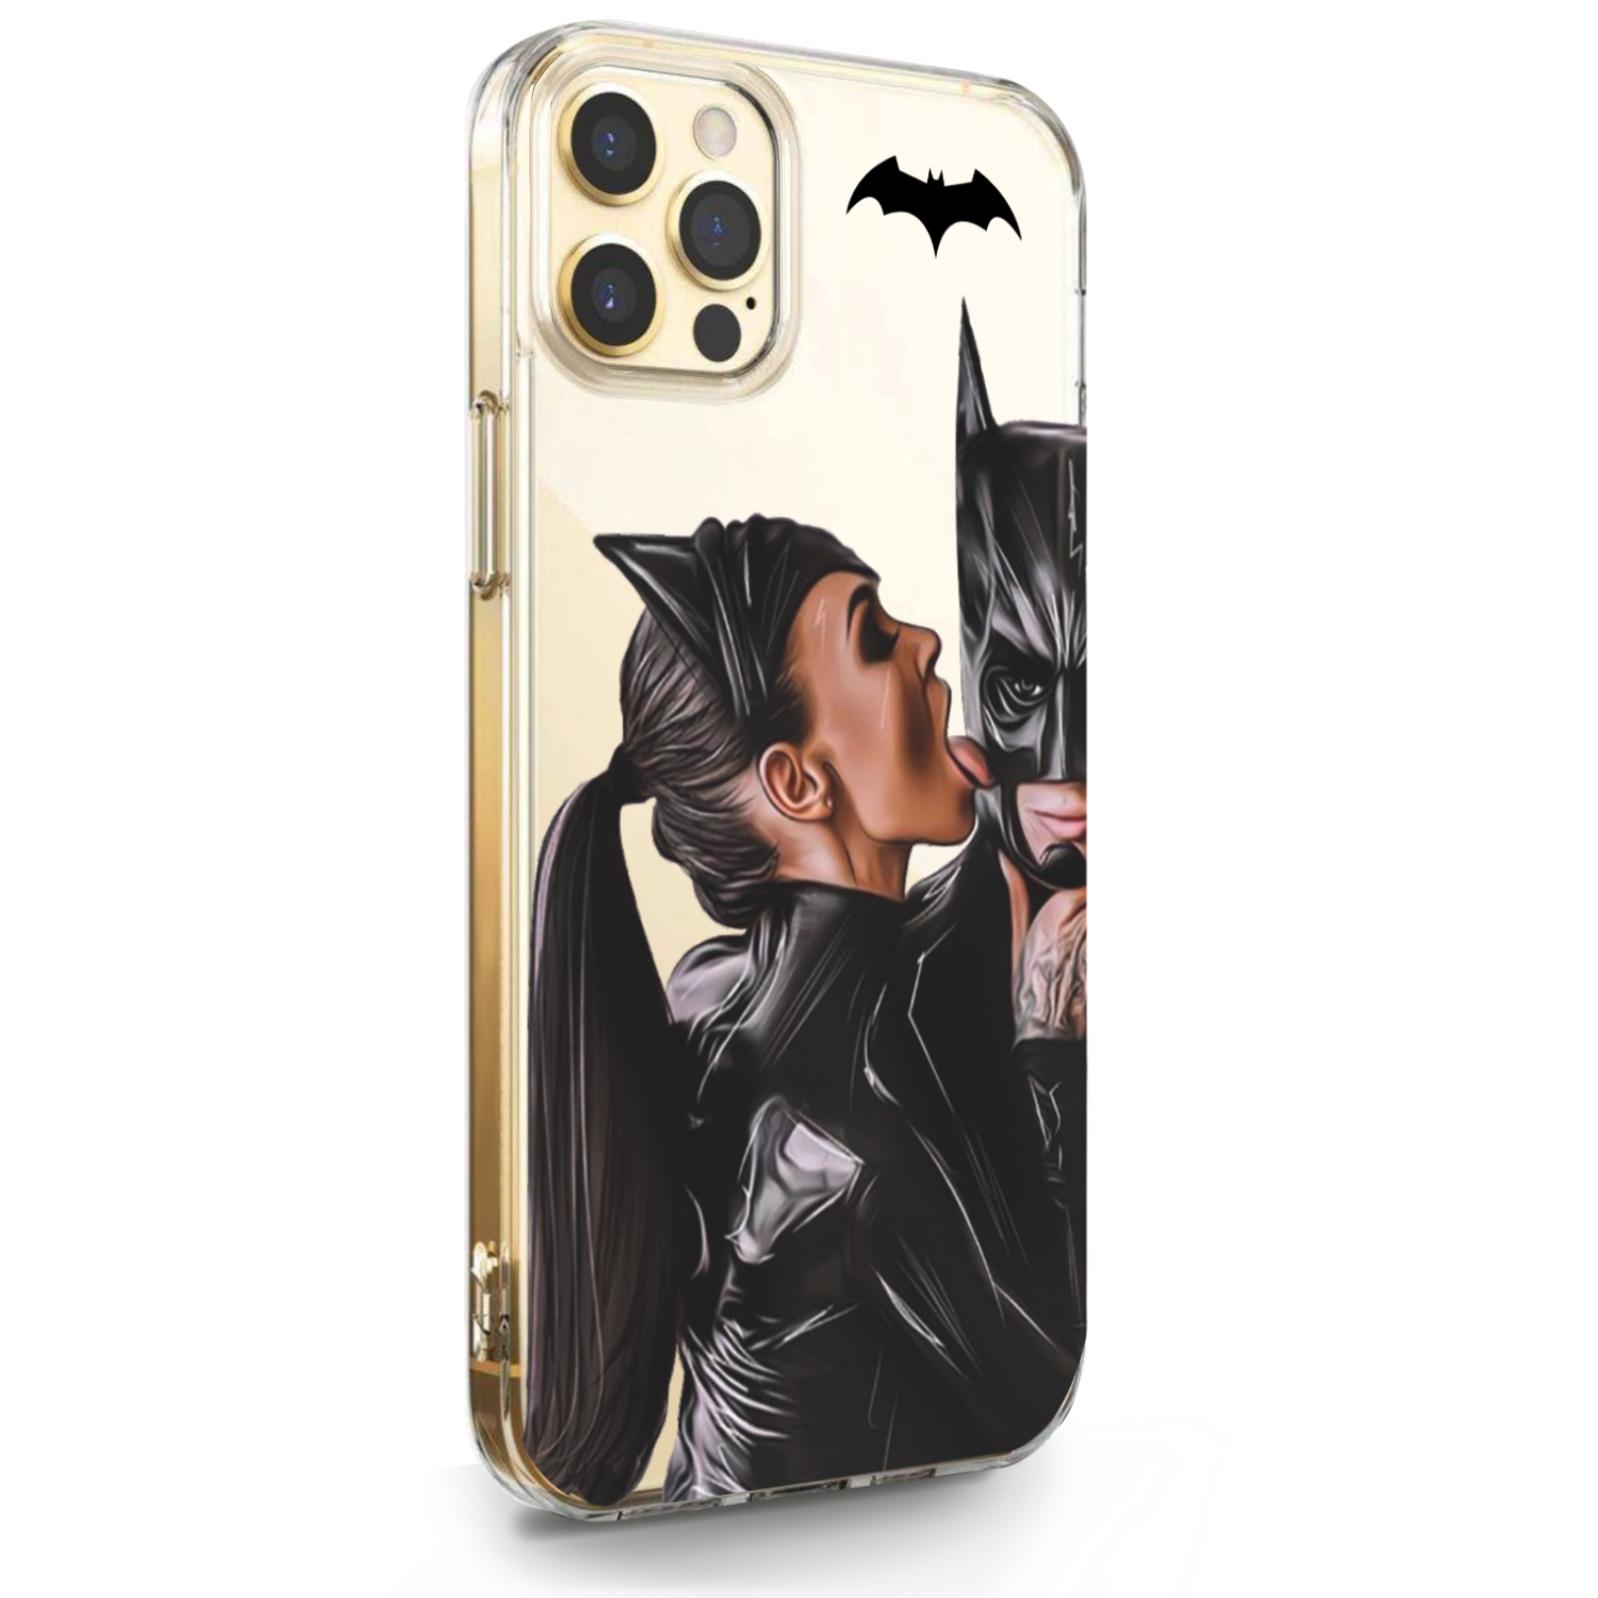 Прозрачный силиконовый чехол для iPhone 12 Pro Max Cat Woman/ Женщина кошка Брюнетка для Айфон 12 Про Макс